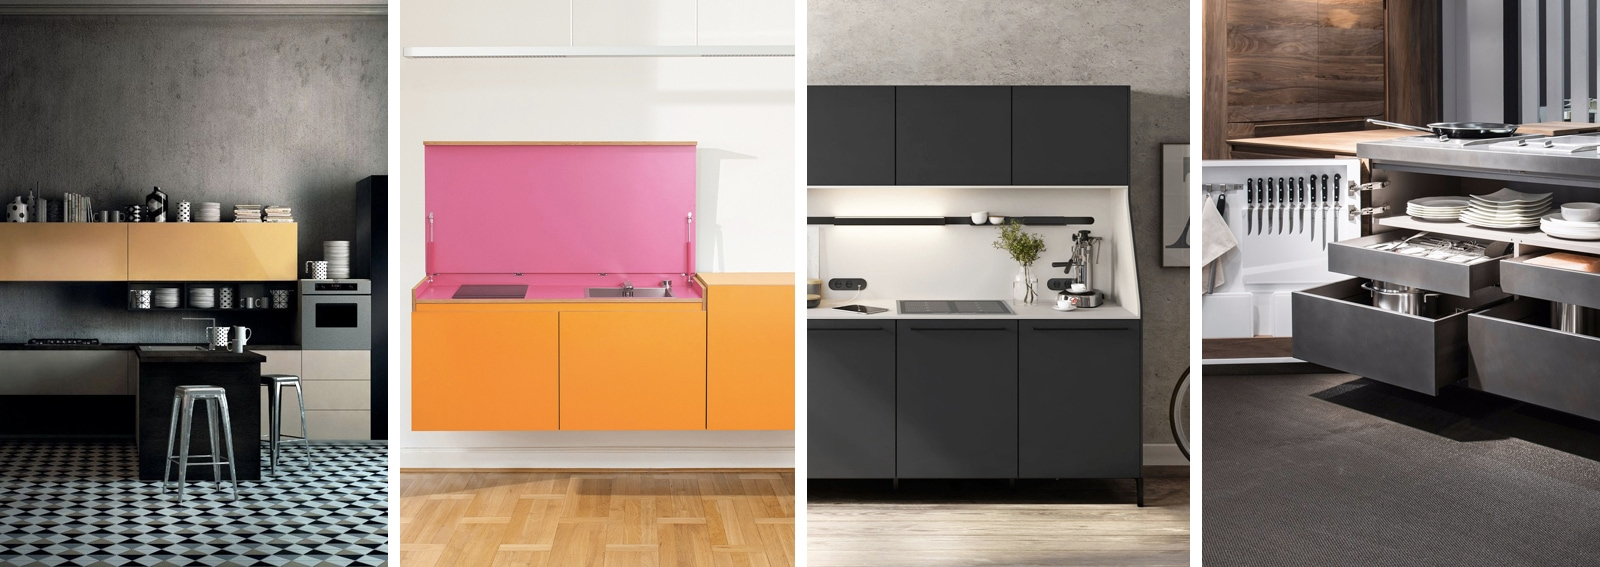 10 idee per arredare una cucina molto piccola - Idee per arredare una cucina piccola ...